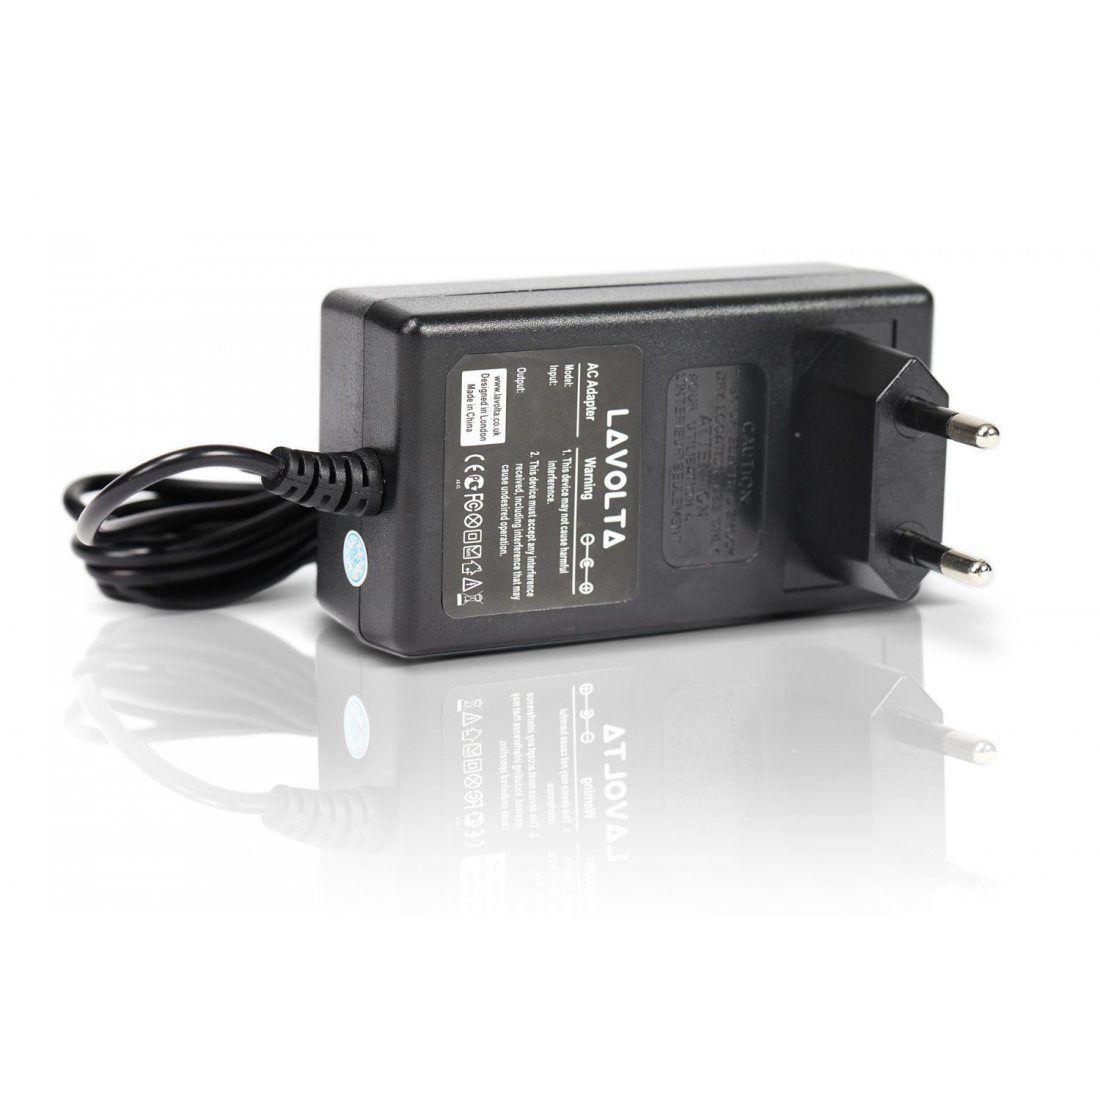 12V Lavolta® Chargeur Alimentation pour Yamaha PSR-100 PSR-11 PSR-110 PSR-12 PSR-125 PSR-130 PSR-140 PSR-15 PSR-150 PSR-16 PS